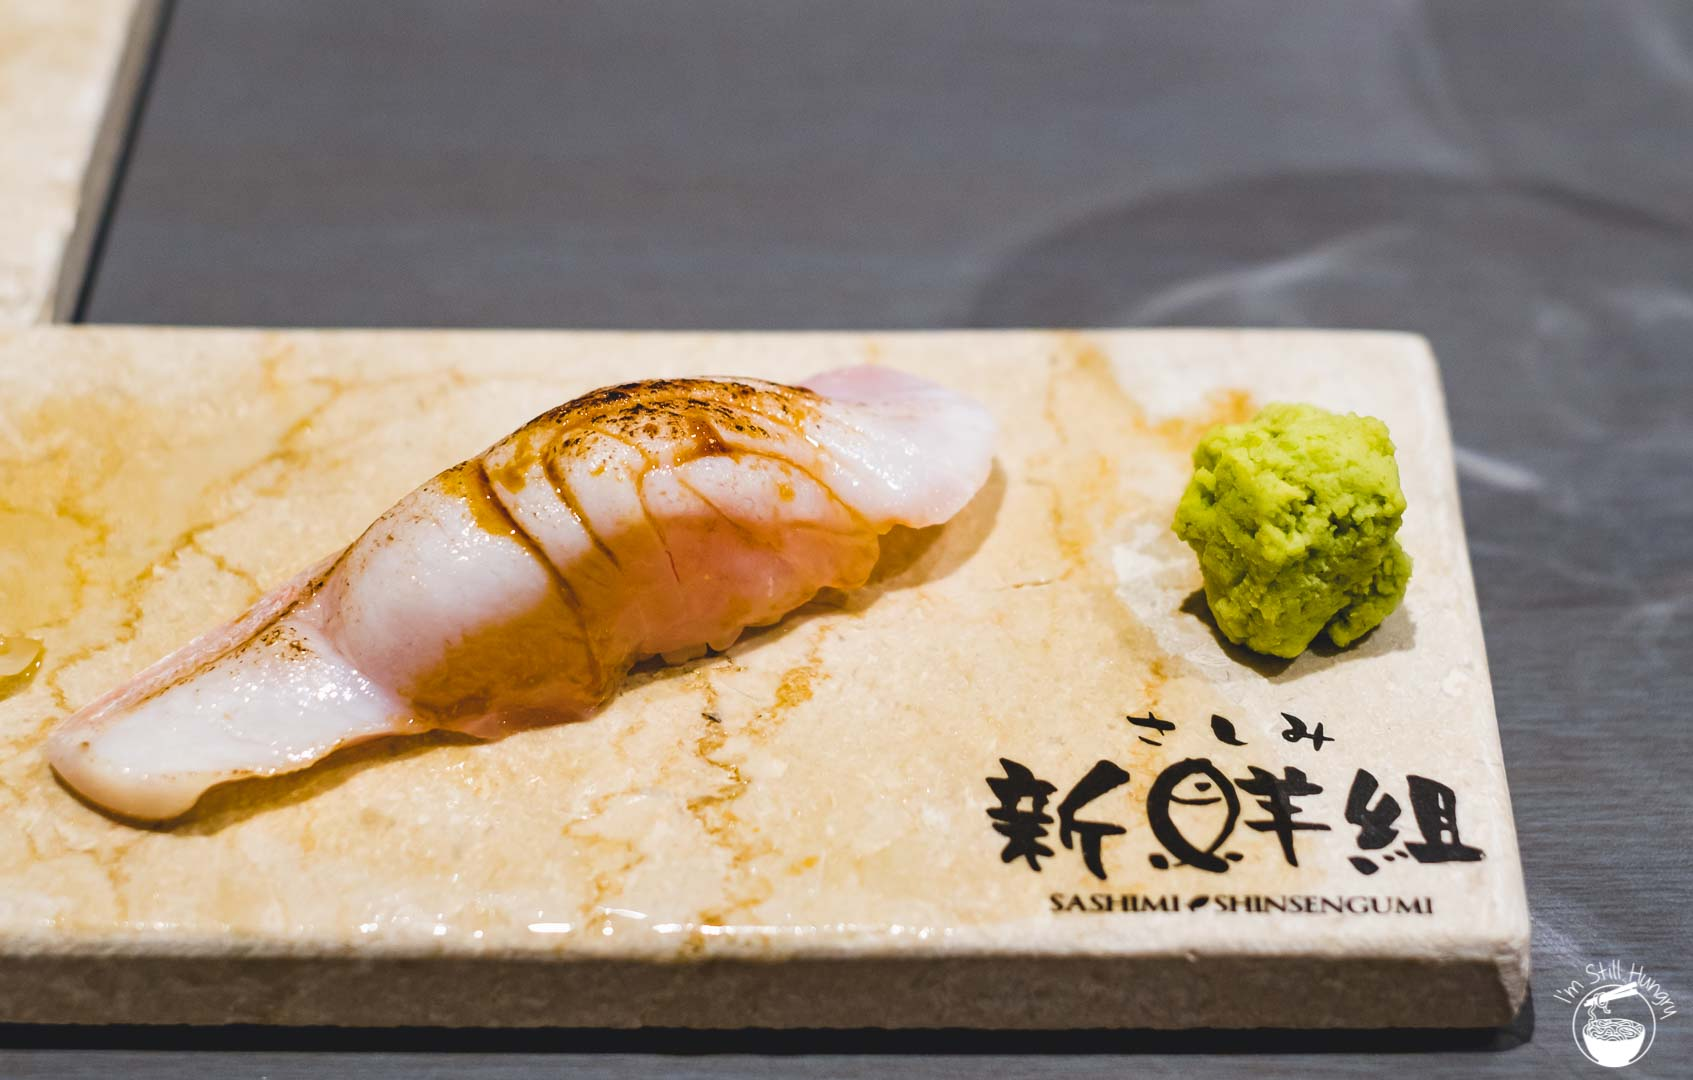 Sashimi Shinsengumi Crows Nest Sushi Omakase Torched kingfish belly